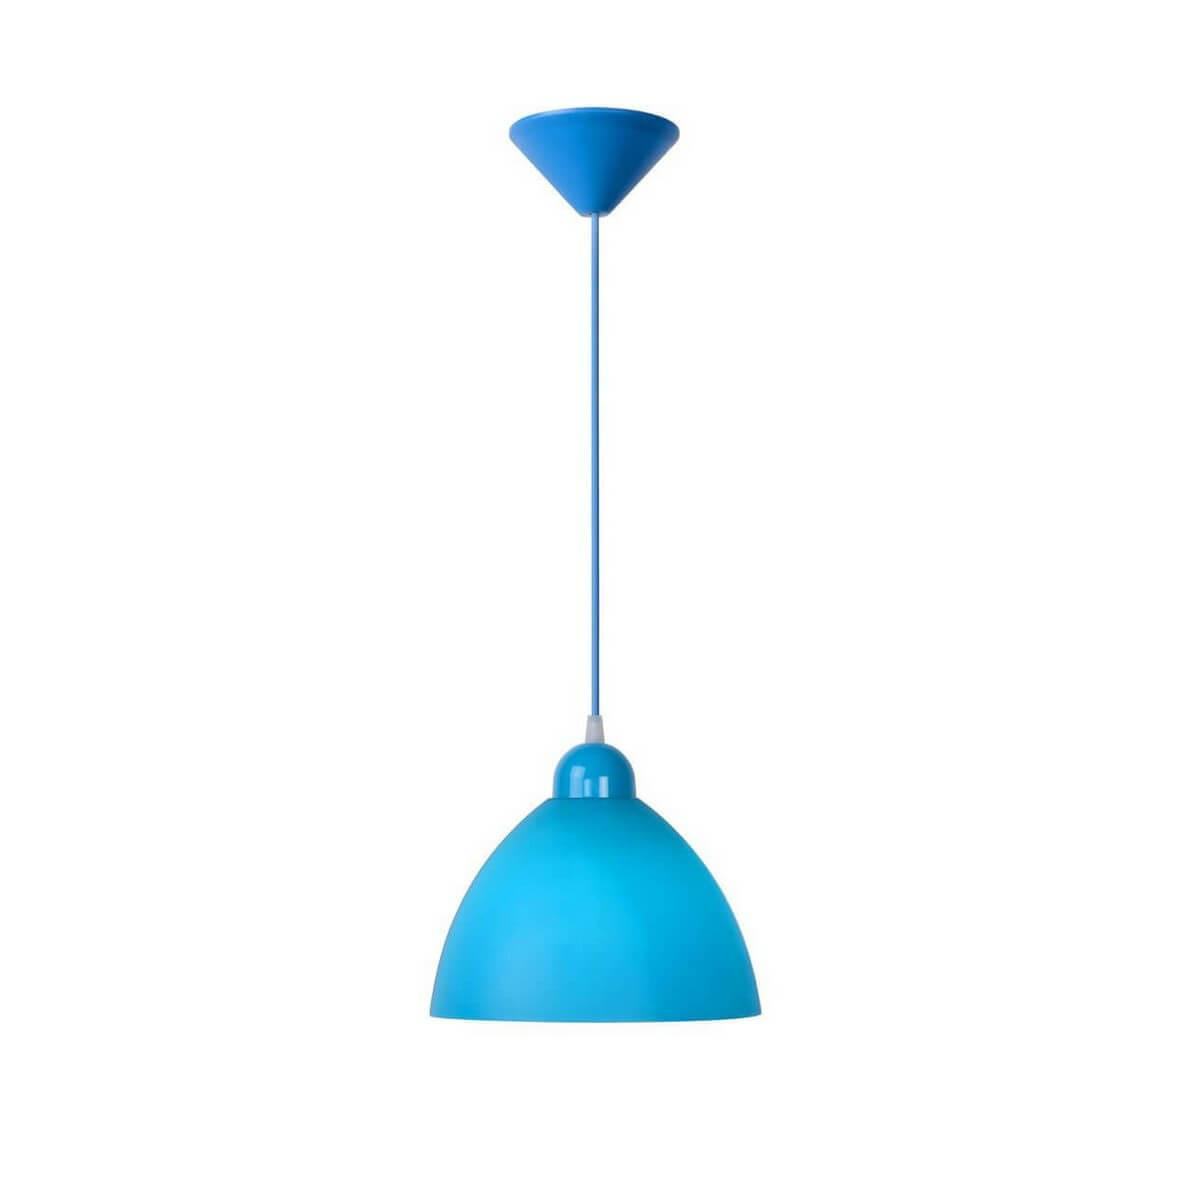 Подвесной светильник Lucide 08406/23/35, E27, 40 Вт подвесной светильник lucide boutique 31422 40 31